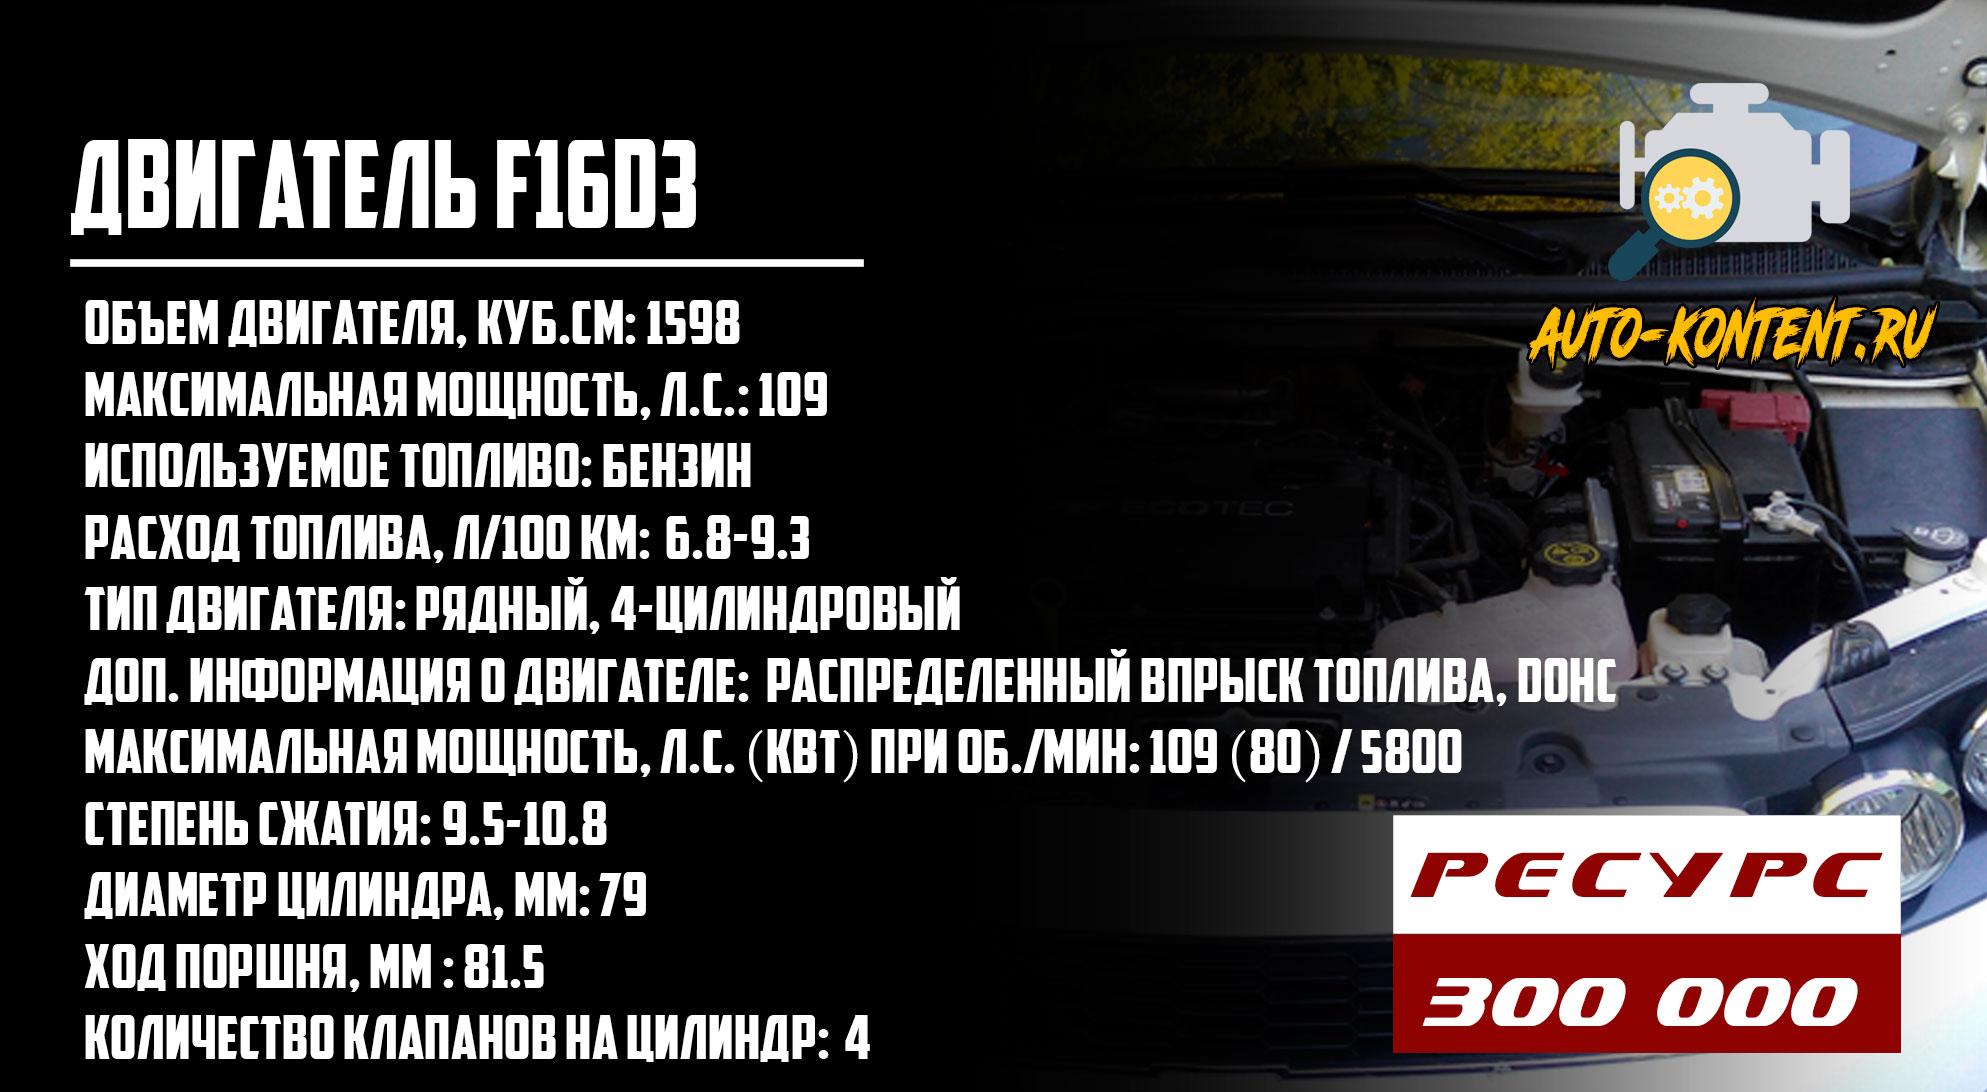 F16D3